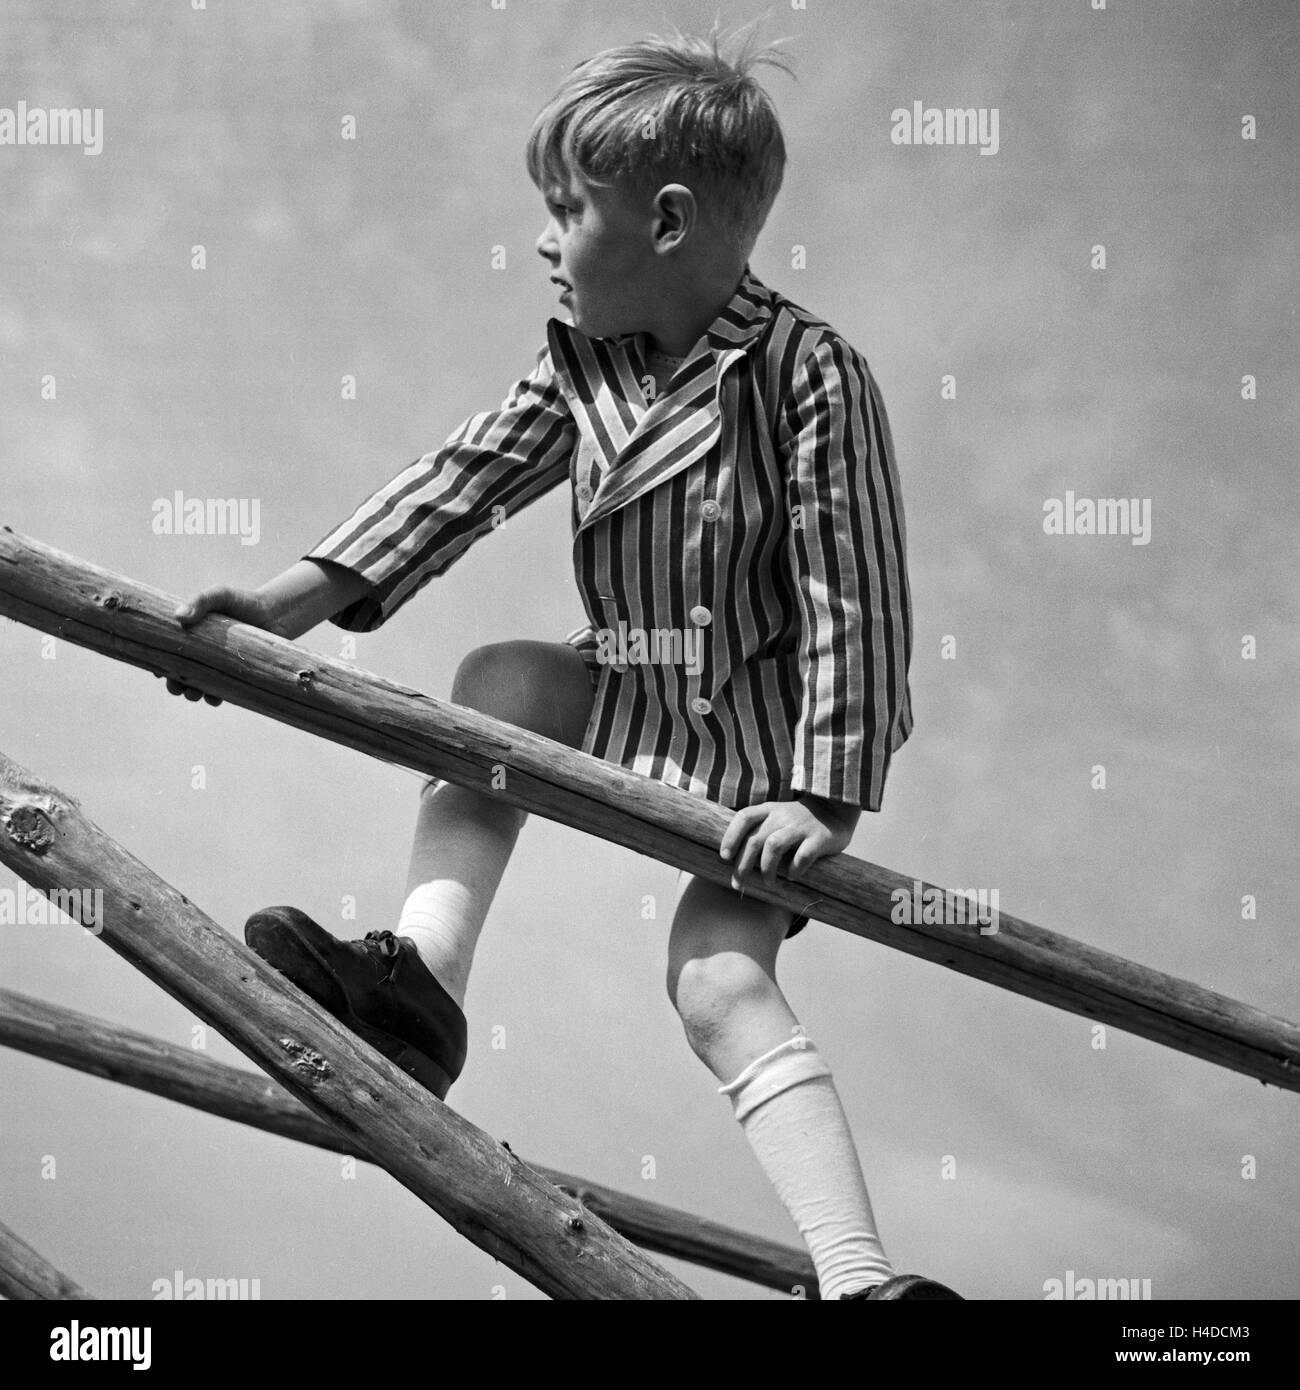 Ein Kleiner Junge Spielt Und Klettert Auf Einem Holzgerüst, 1930er Jahre Deutschland. Ein kleiner Junge, spielen Stockbild